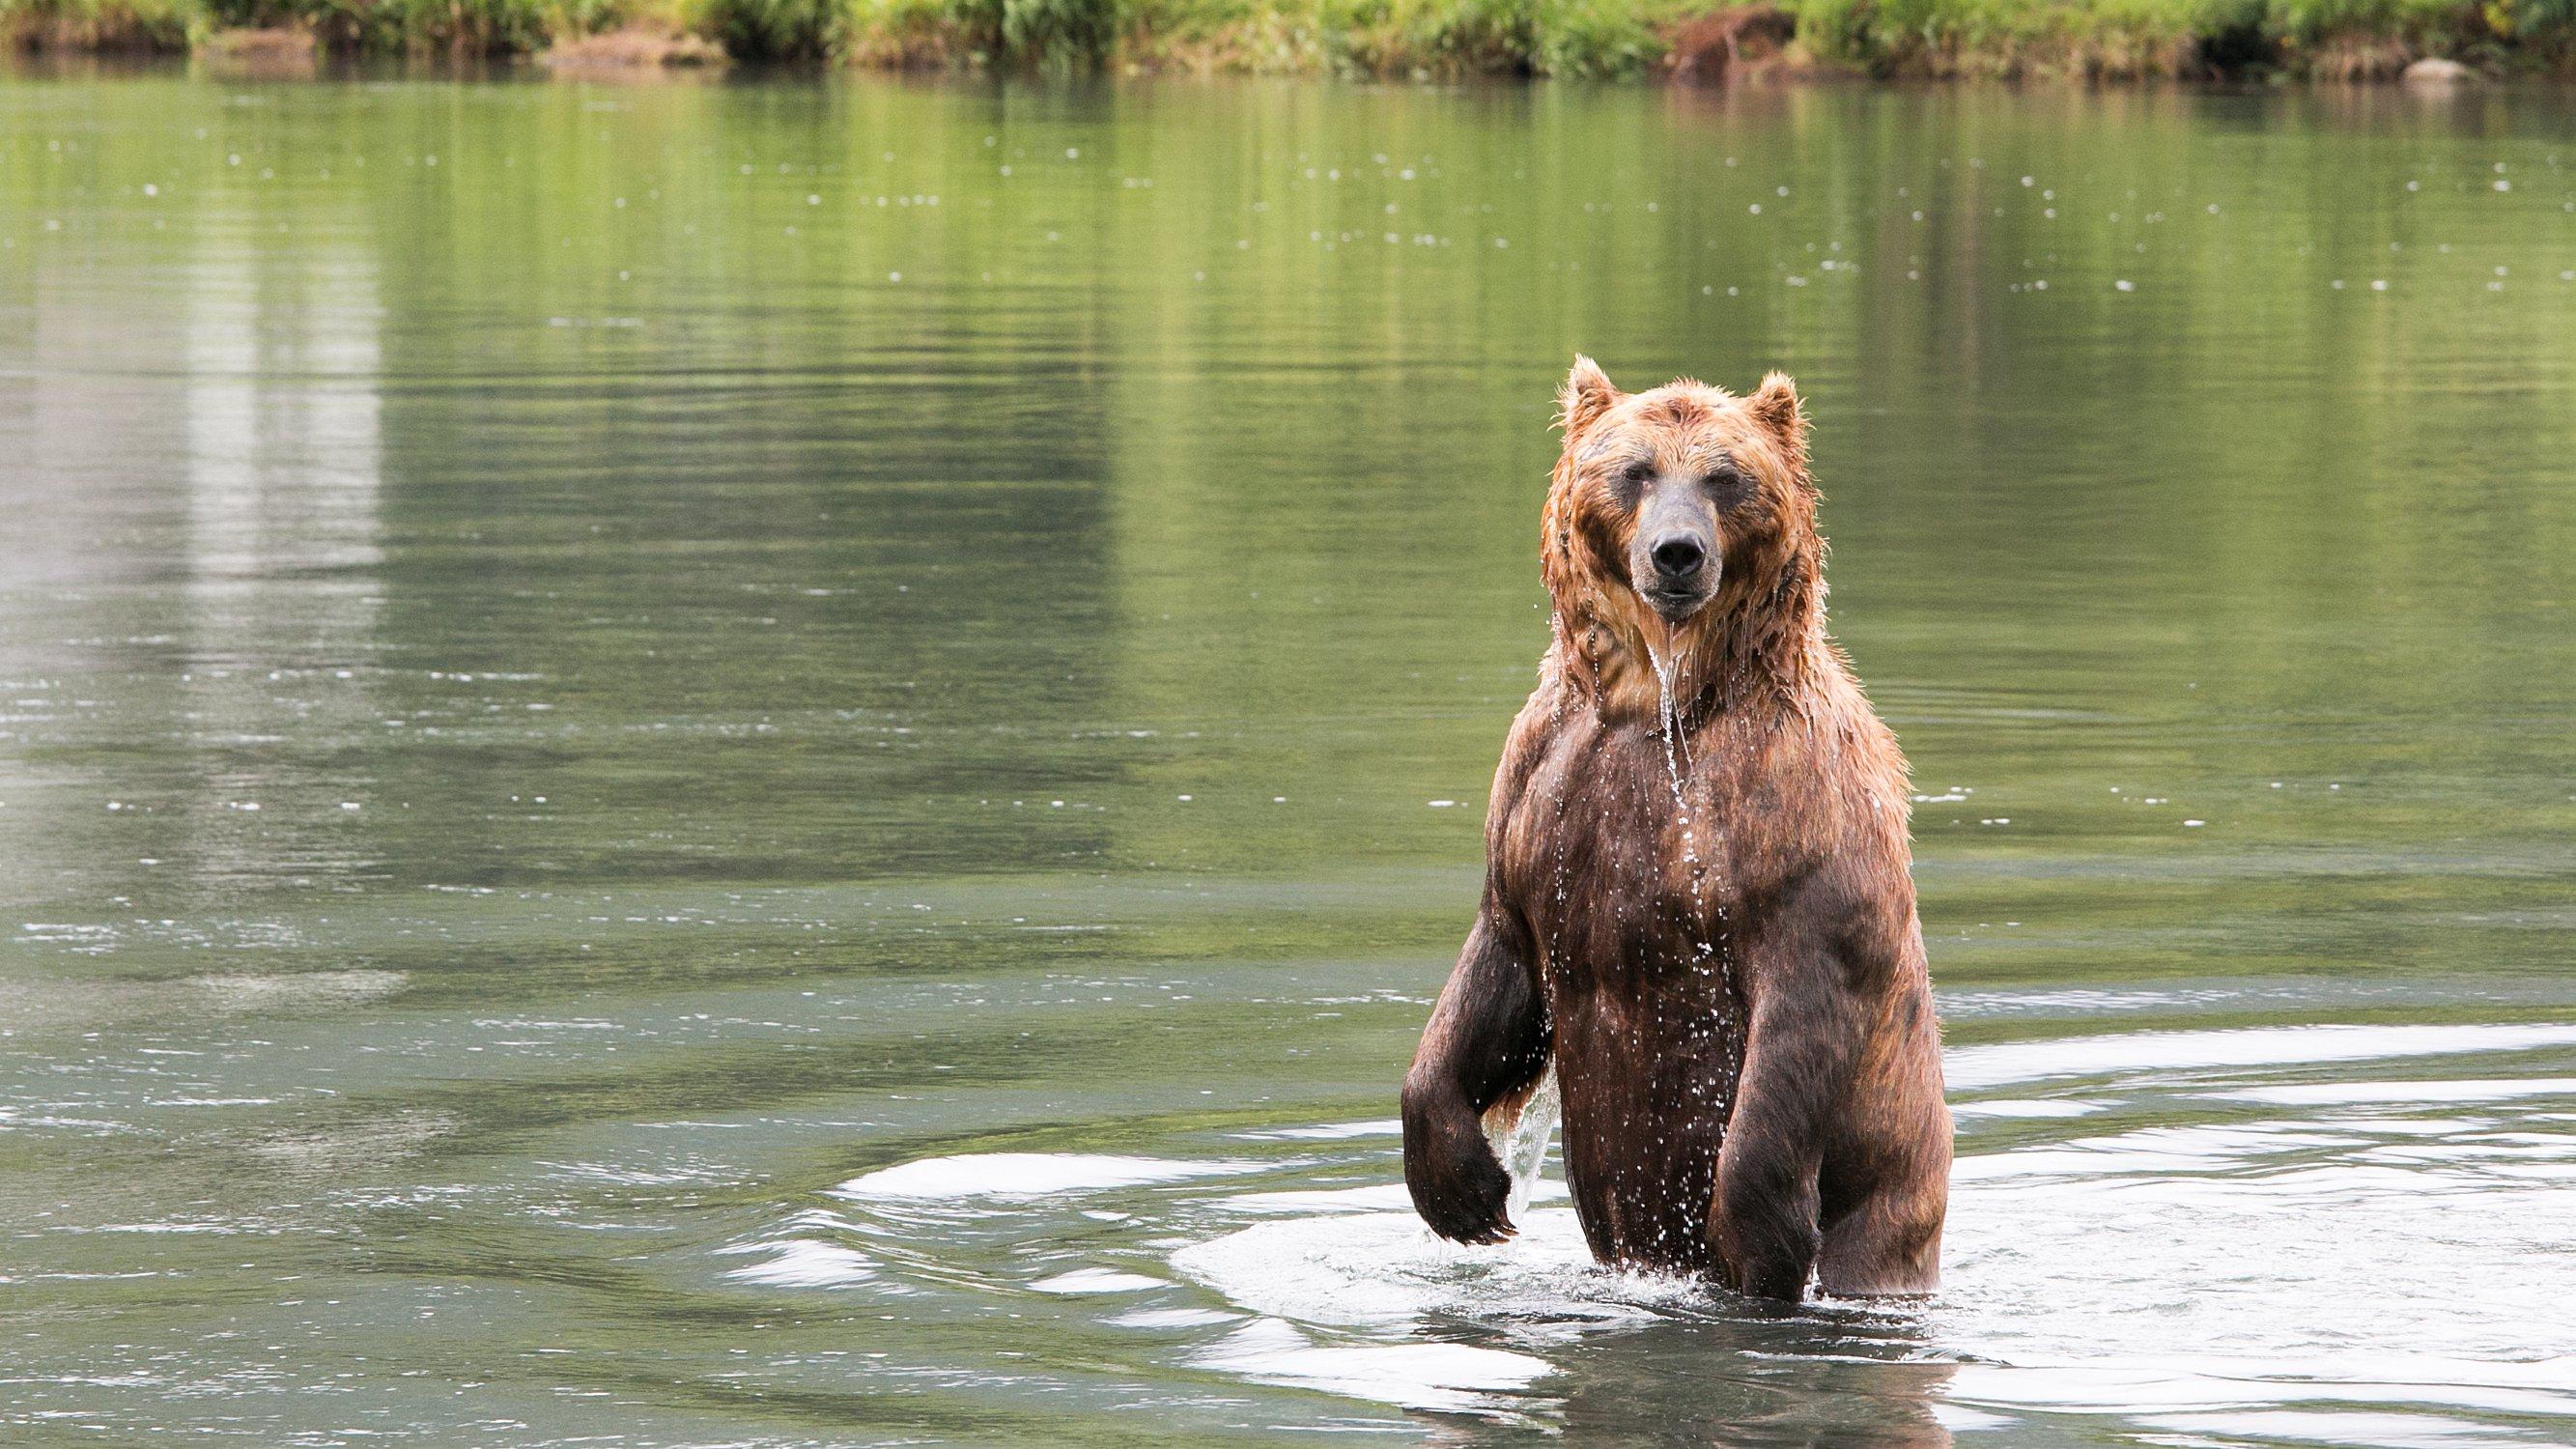 Медведь, камчатка, бурый медведь, курильское озеро, вода, зелёный, Картавцов Артем